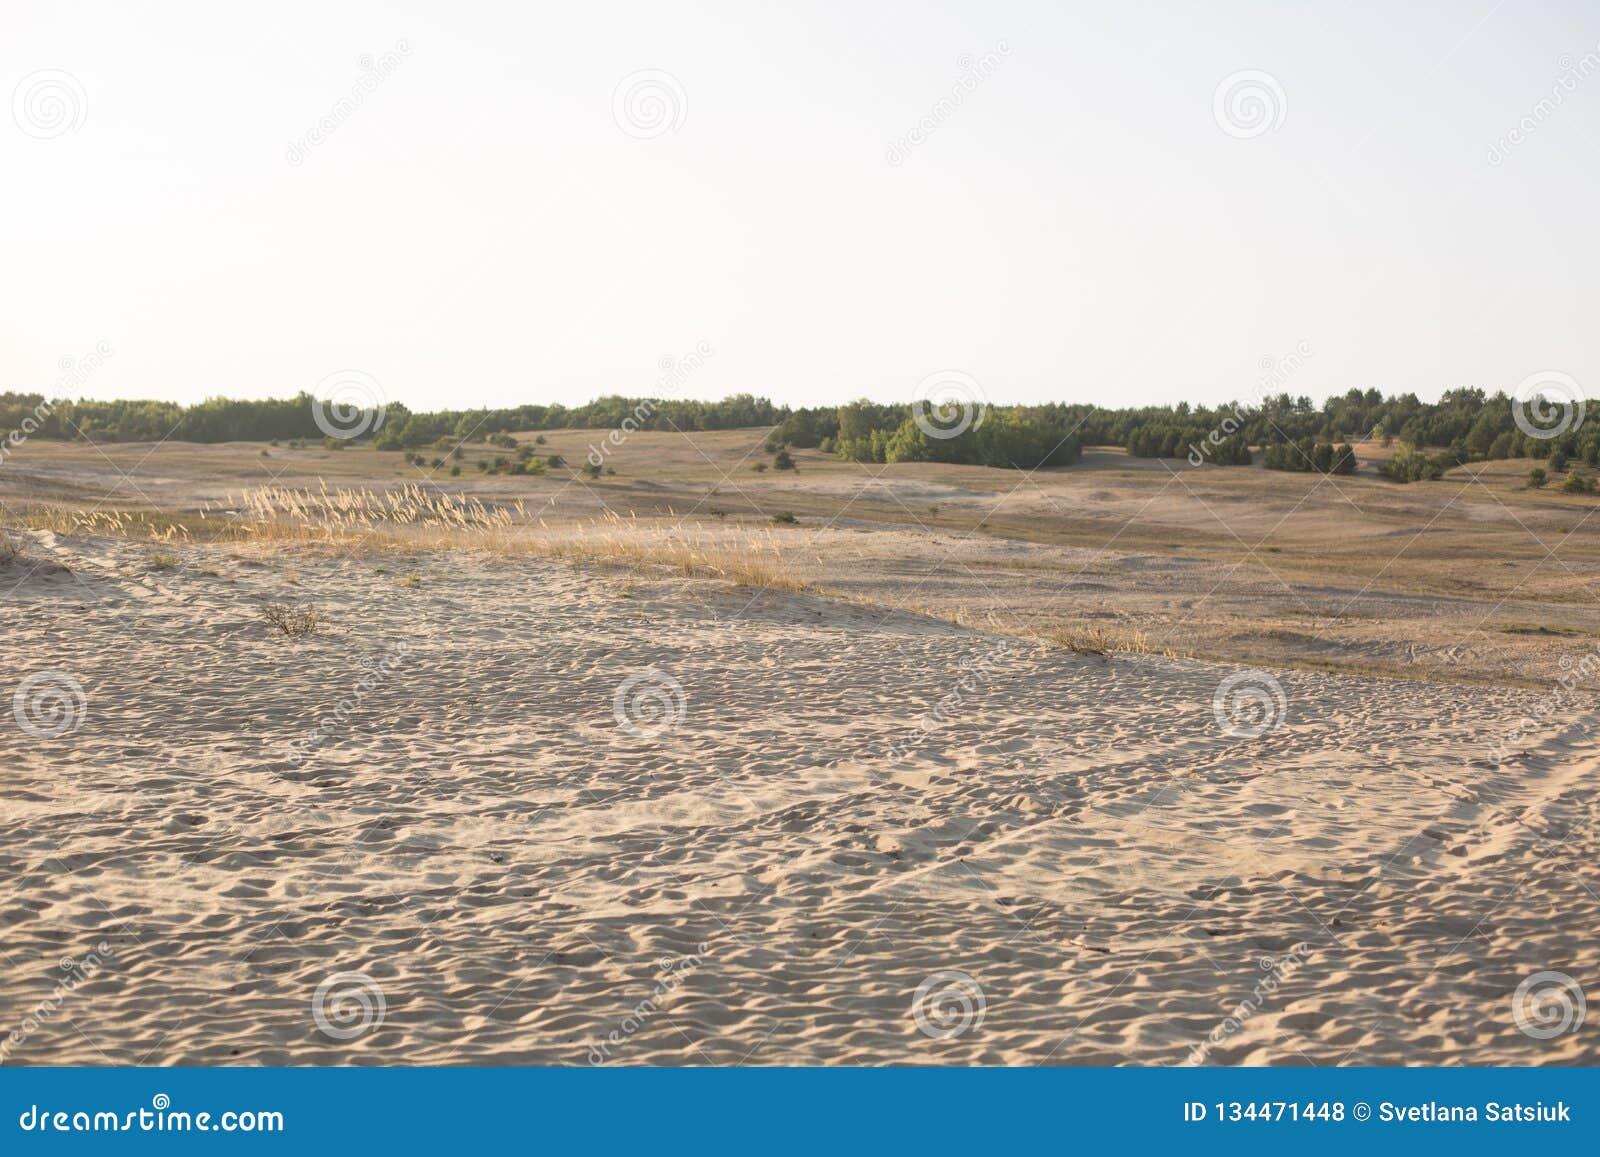 Φύση στέπα Άμμος τοπίο περιοχής συντήρησης